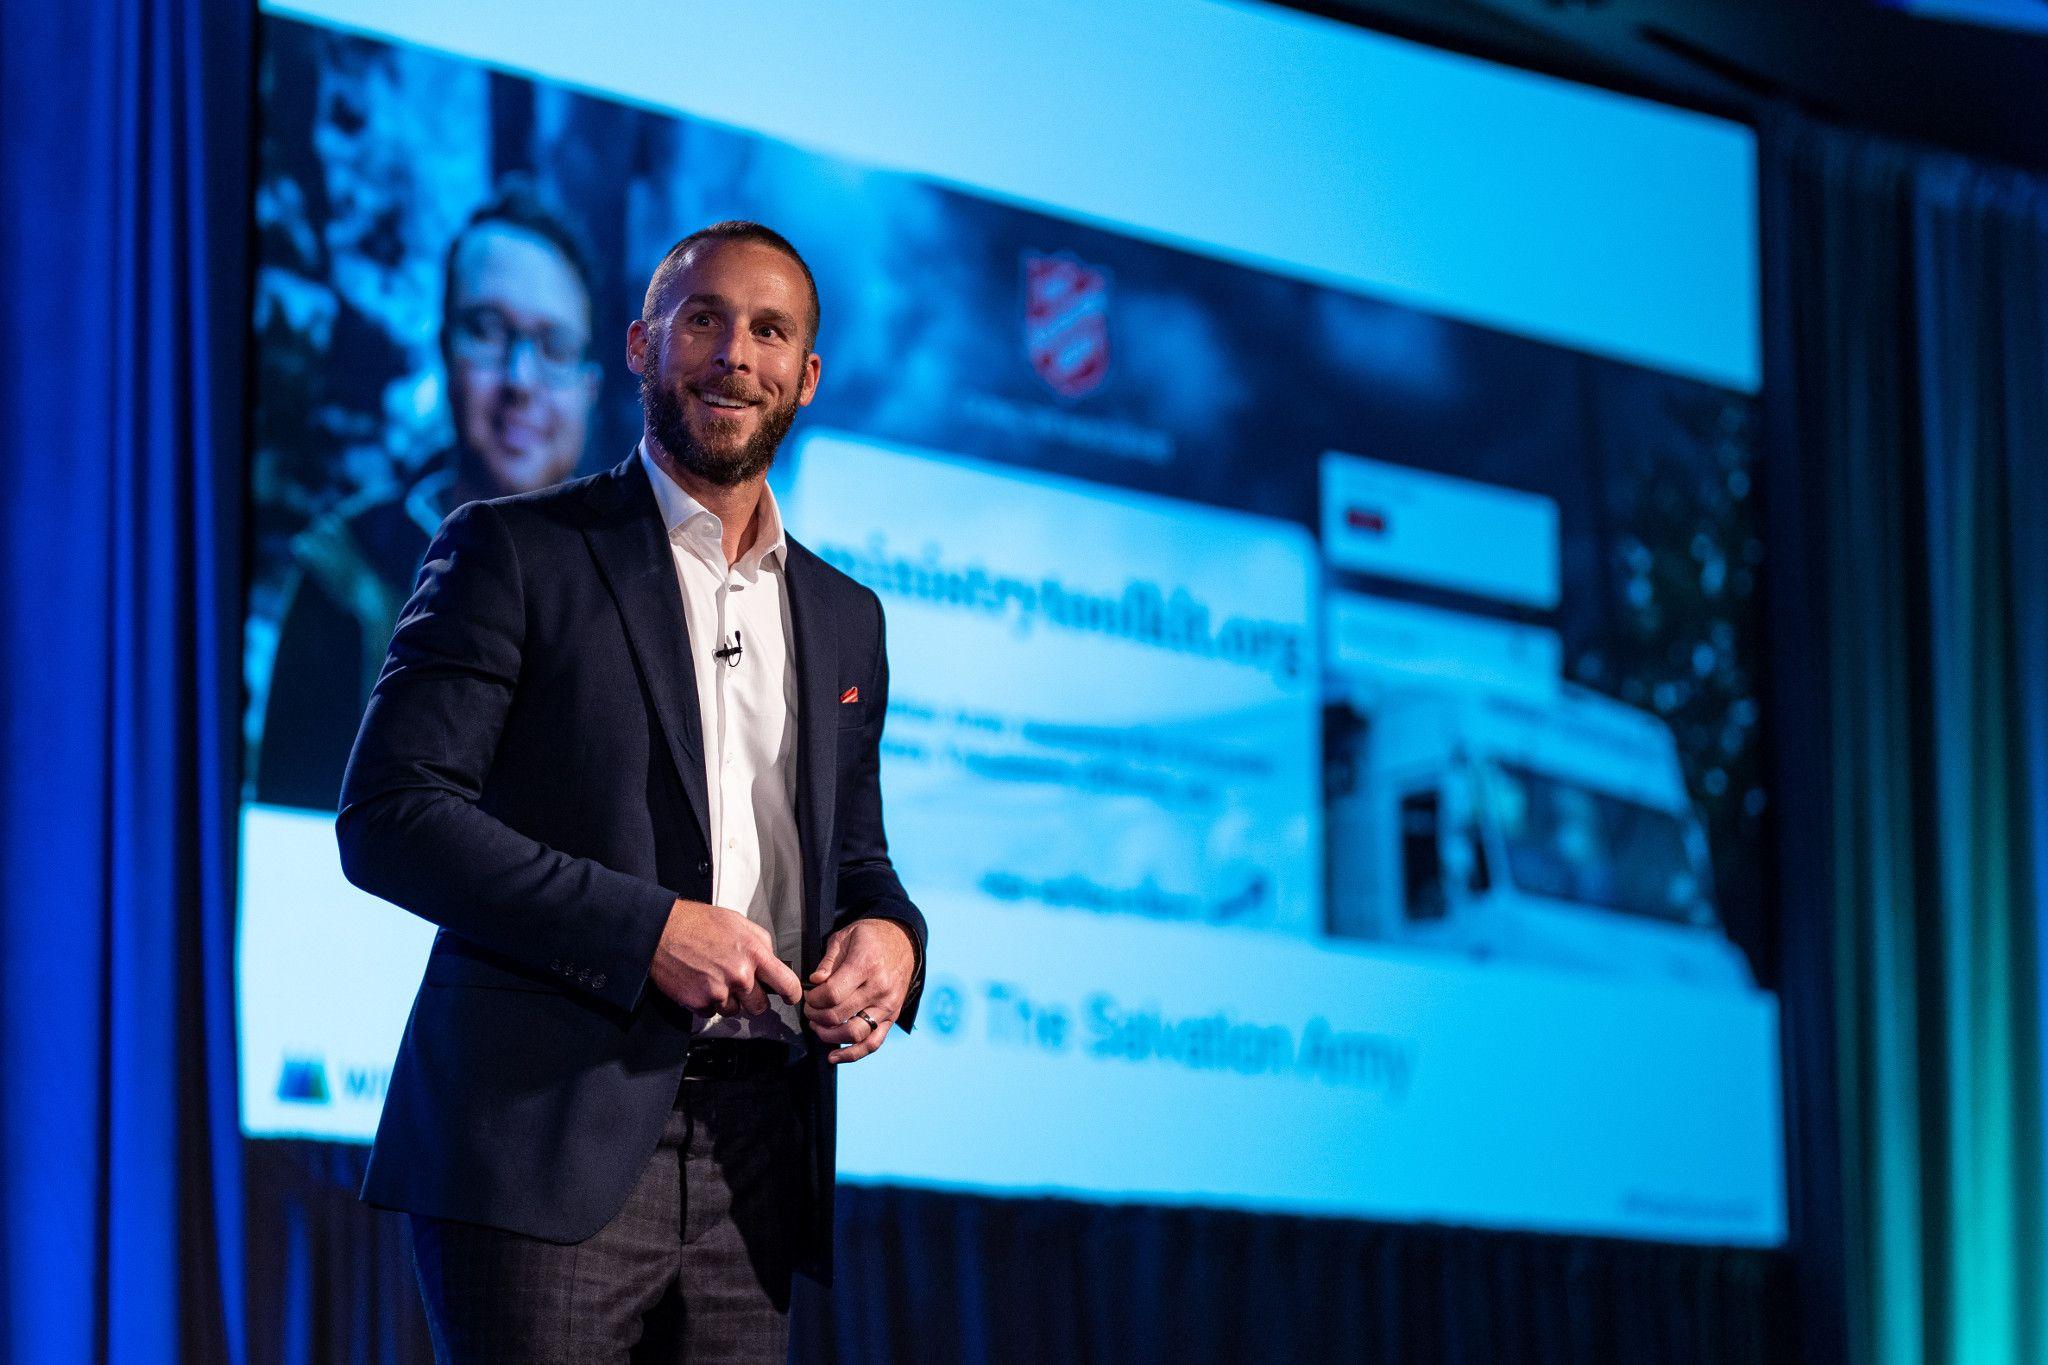 Matthew Gonnering speaking at the Widen Summit